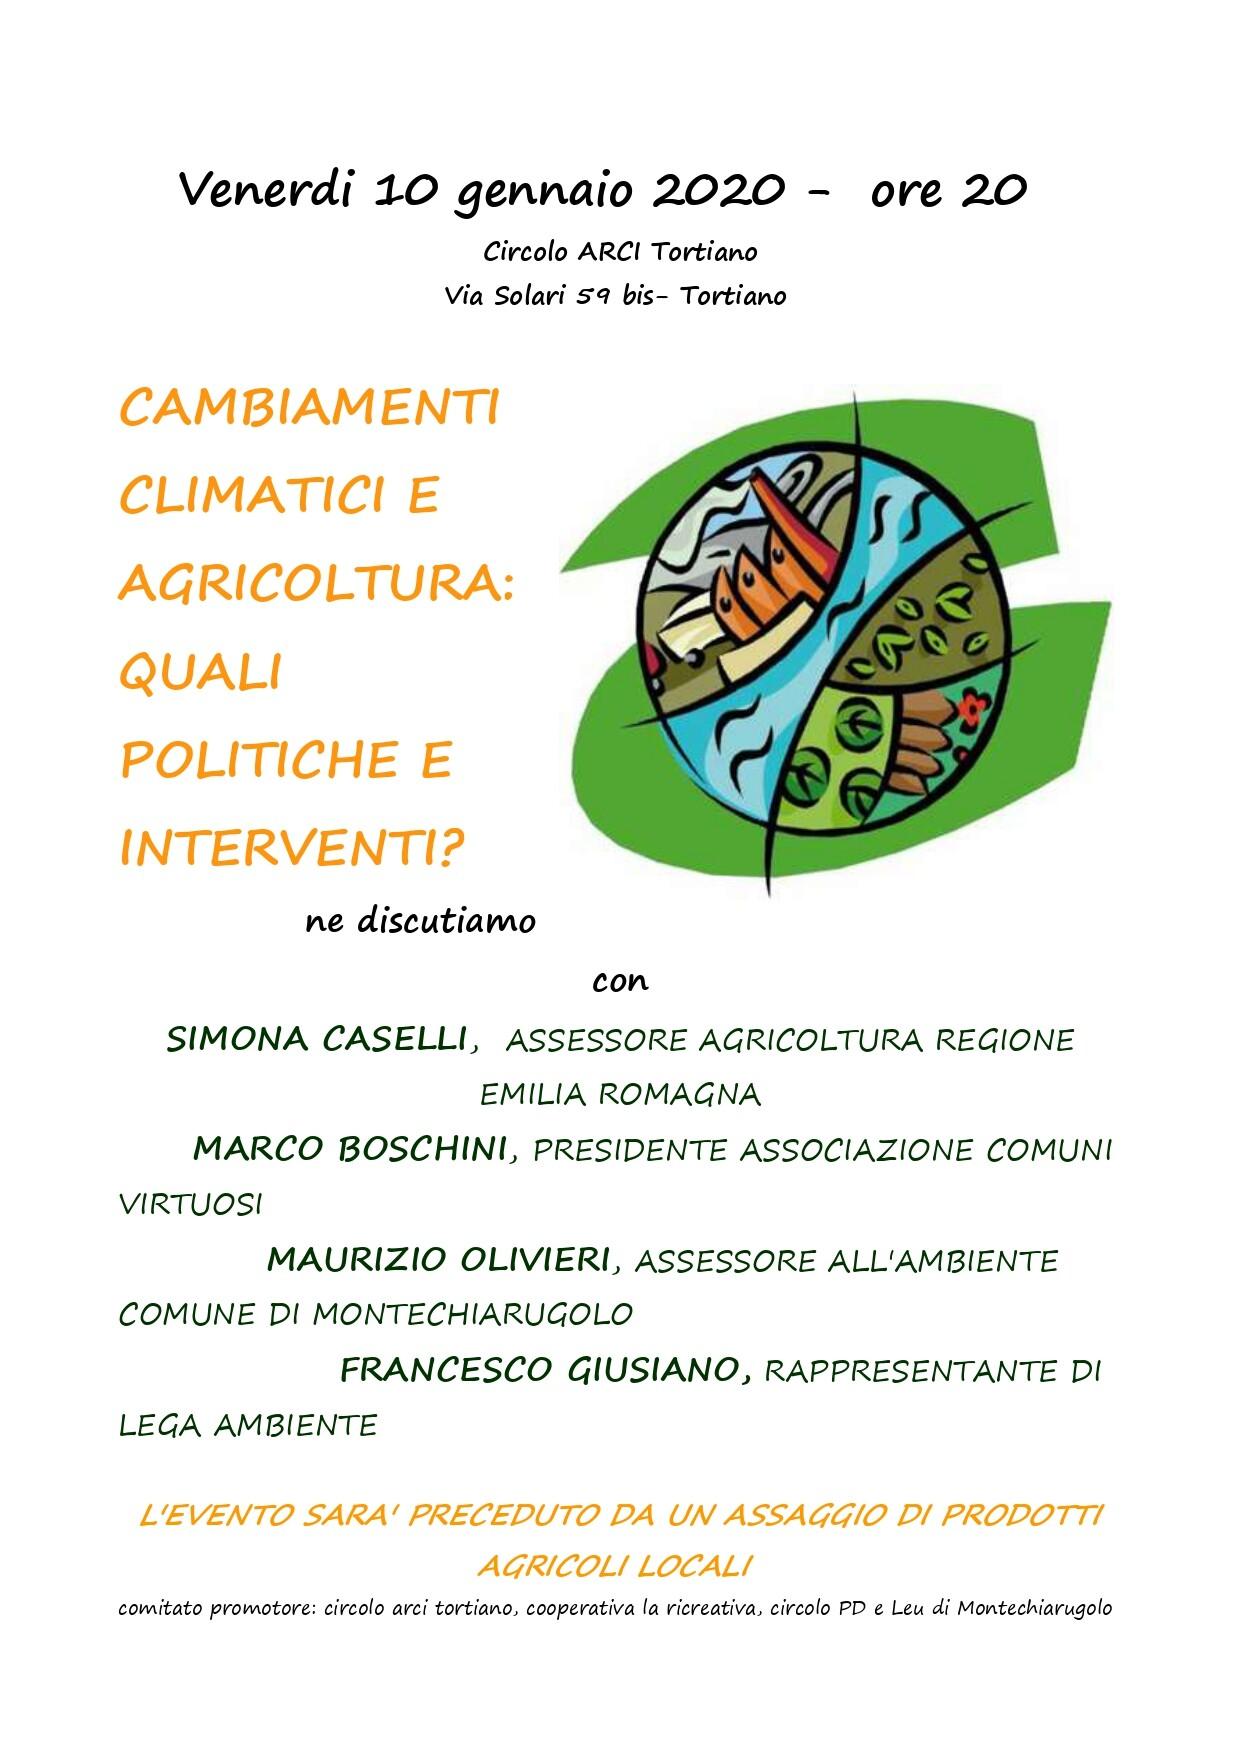 Cambiamenti climatici e agricoltura-quali politiche ed interventi?